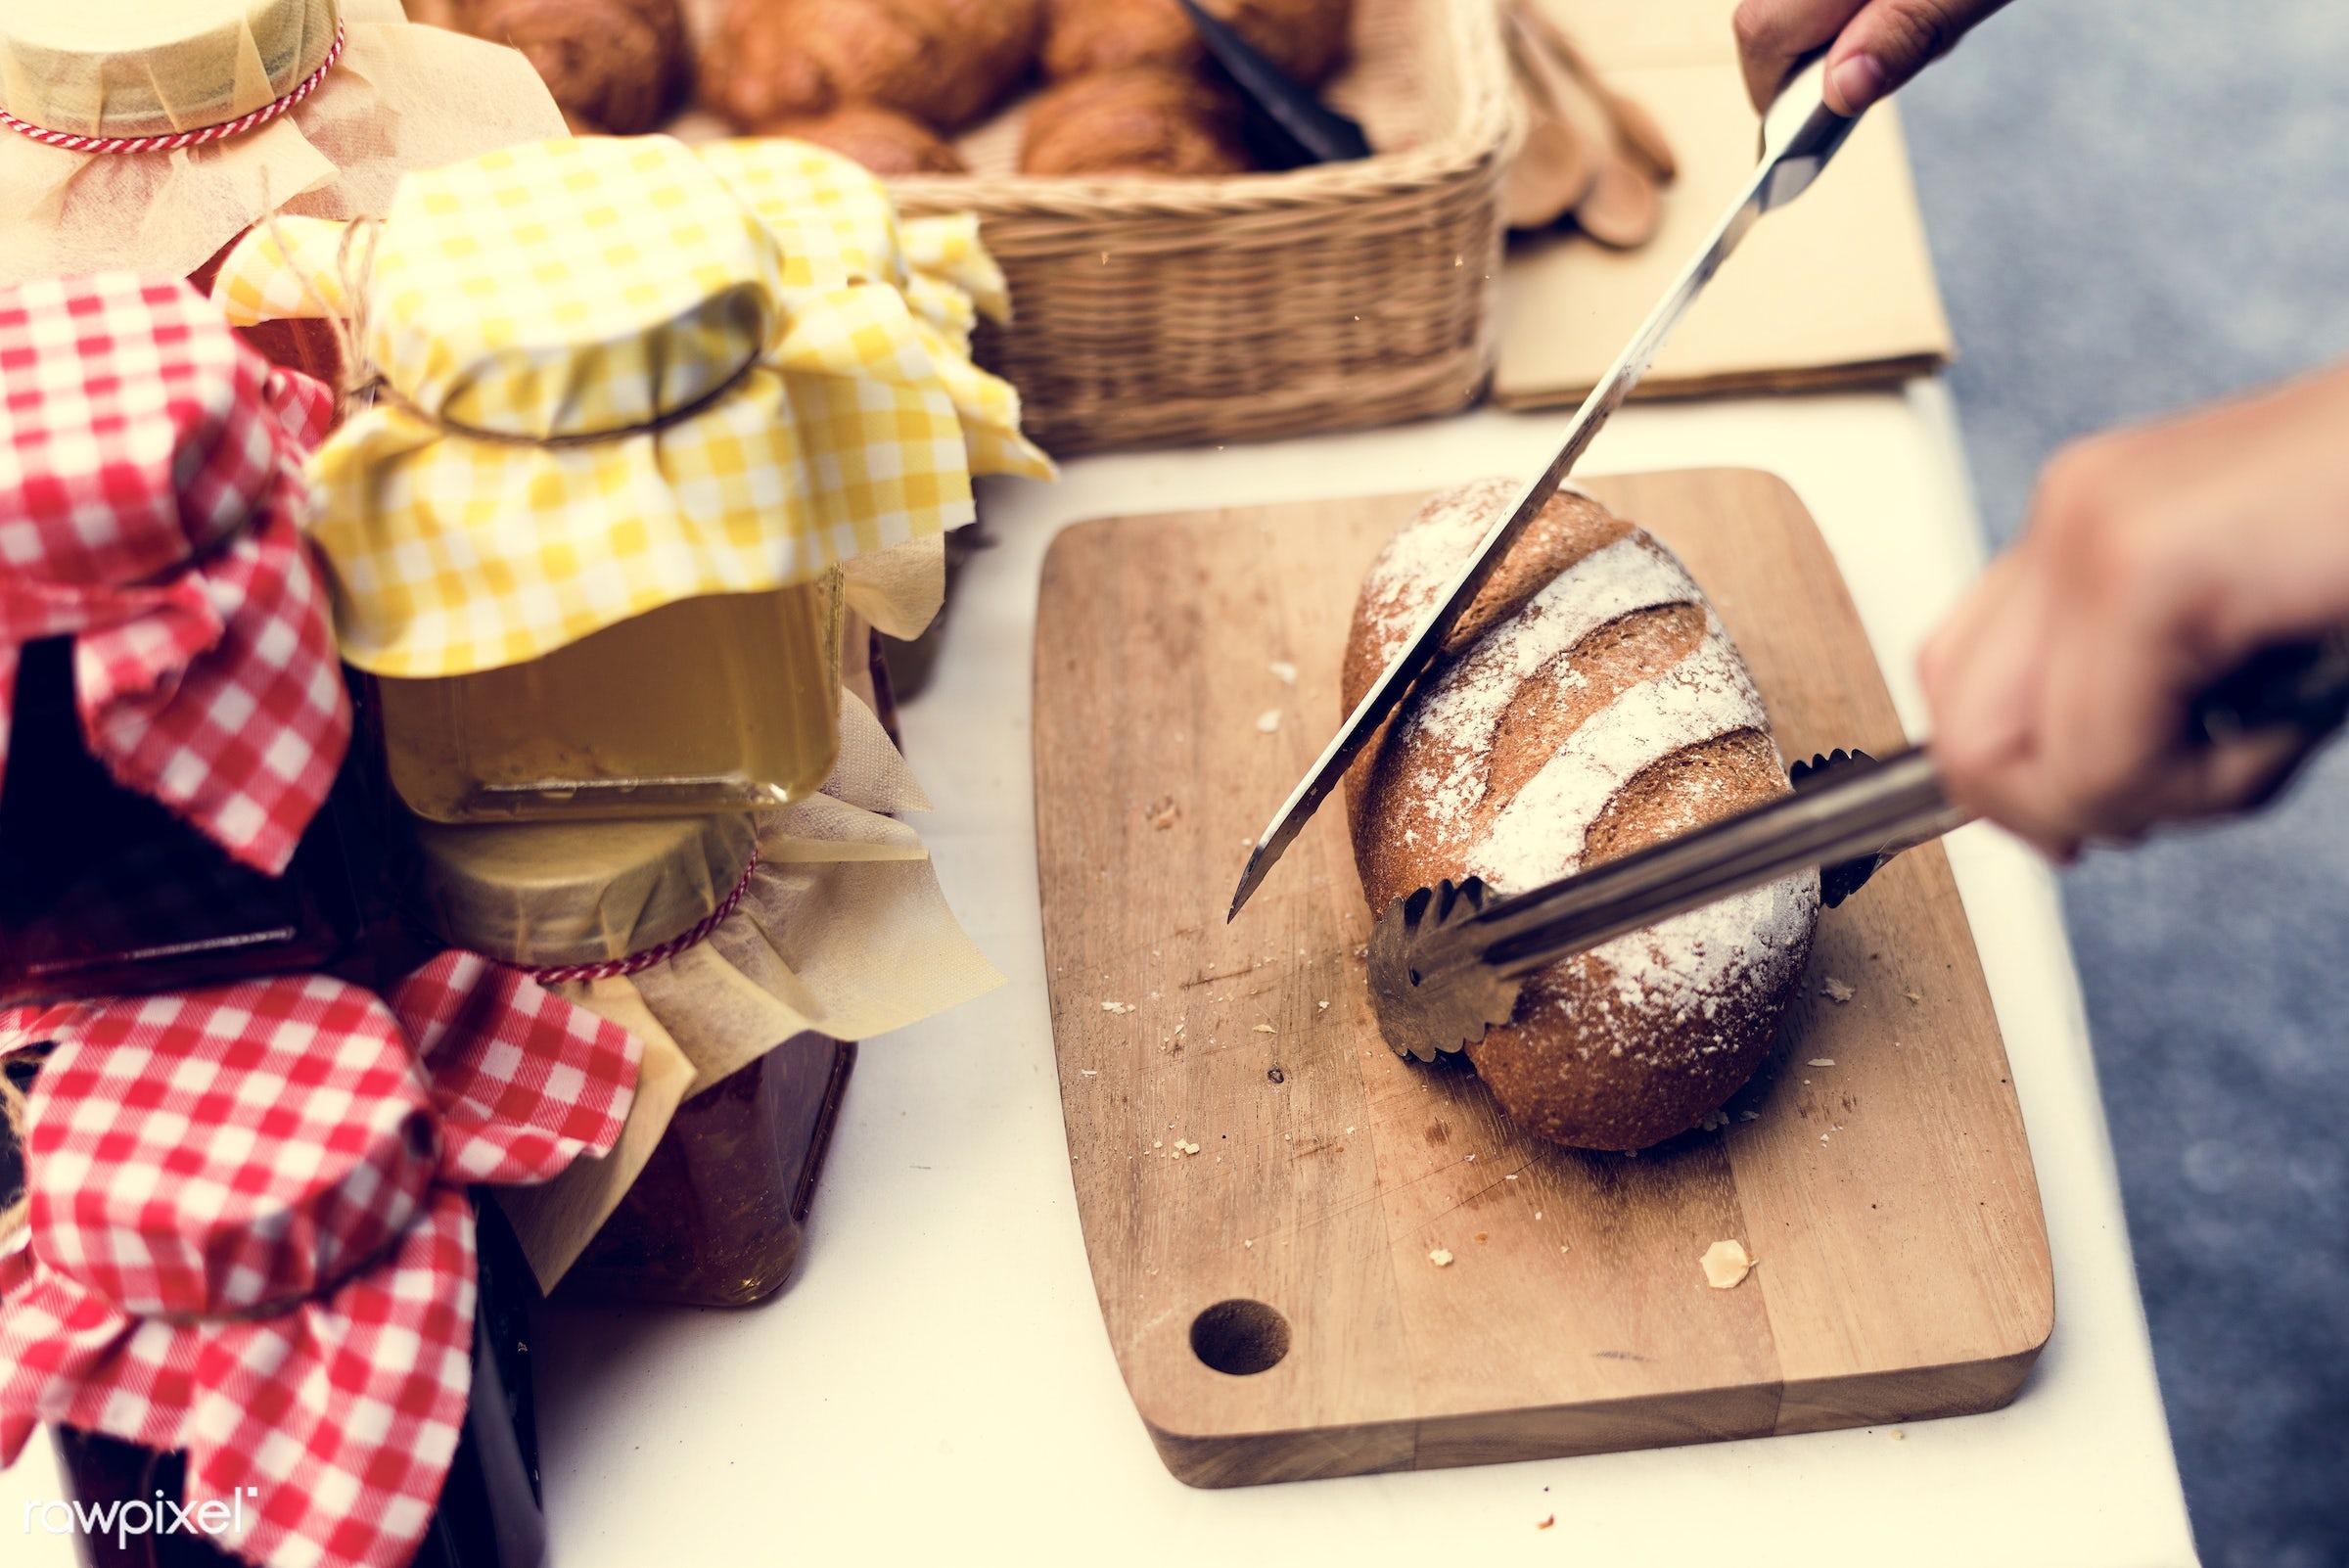 grocery, shop, cutout, stall, pastries, cuisine, bake, goods, homemade, baked, taste, bakery, fresh, bread, various, jam,...